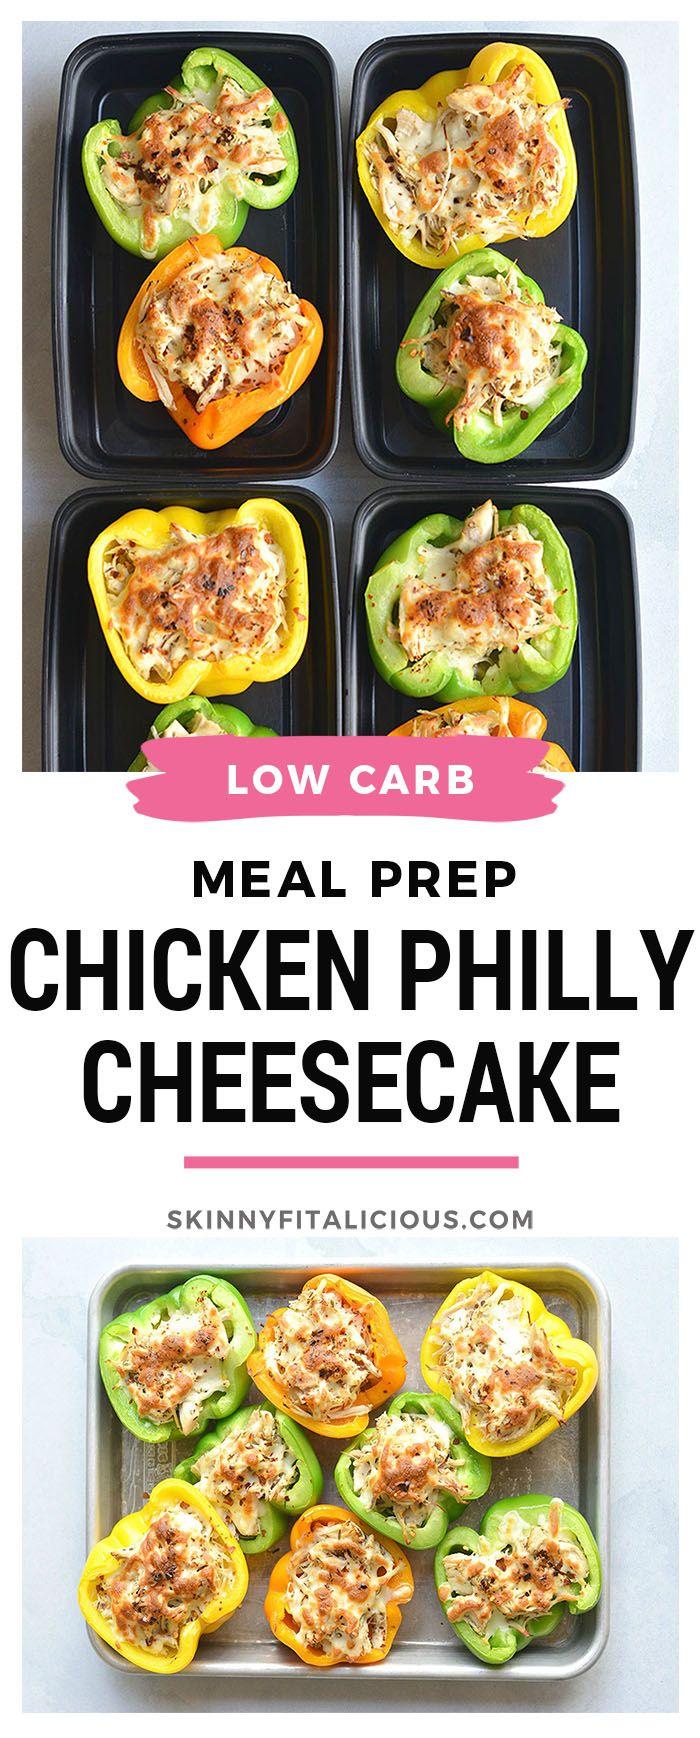 Essenszubereitung Hähnchen Philly Cheesesteak! Dieses kohlenhydratarme Rezept macht saftig und …